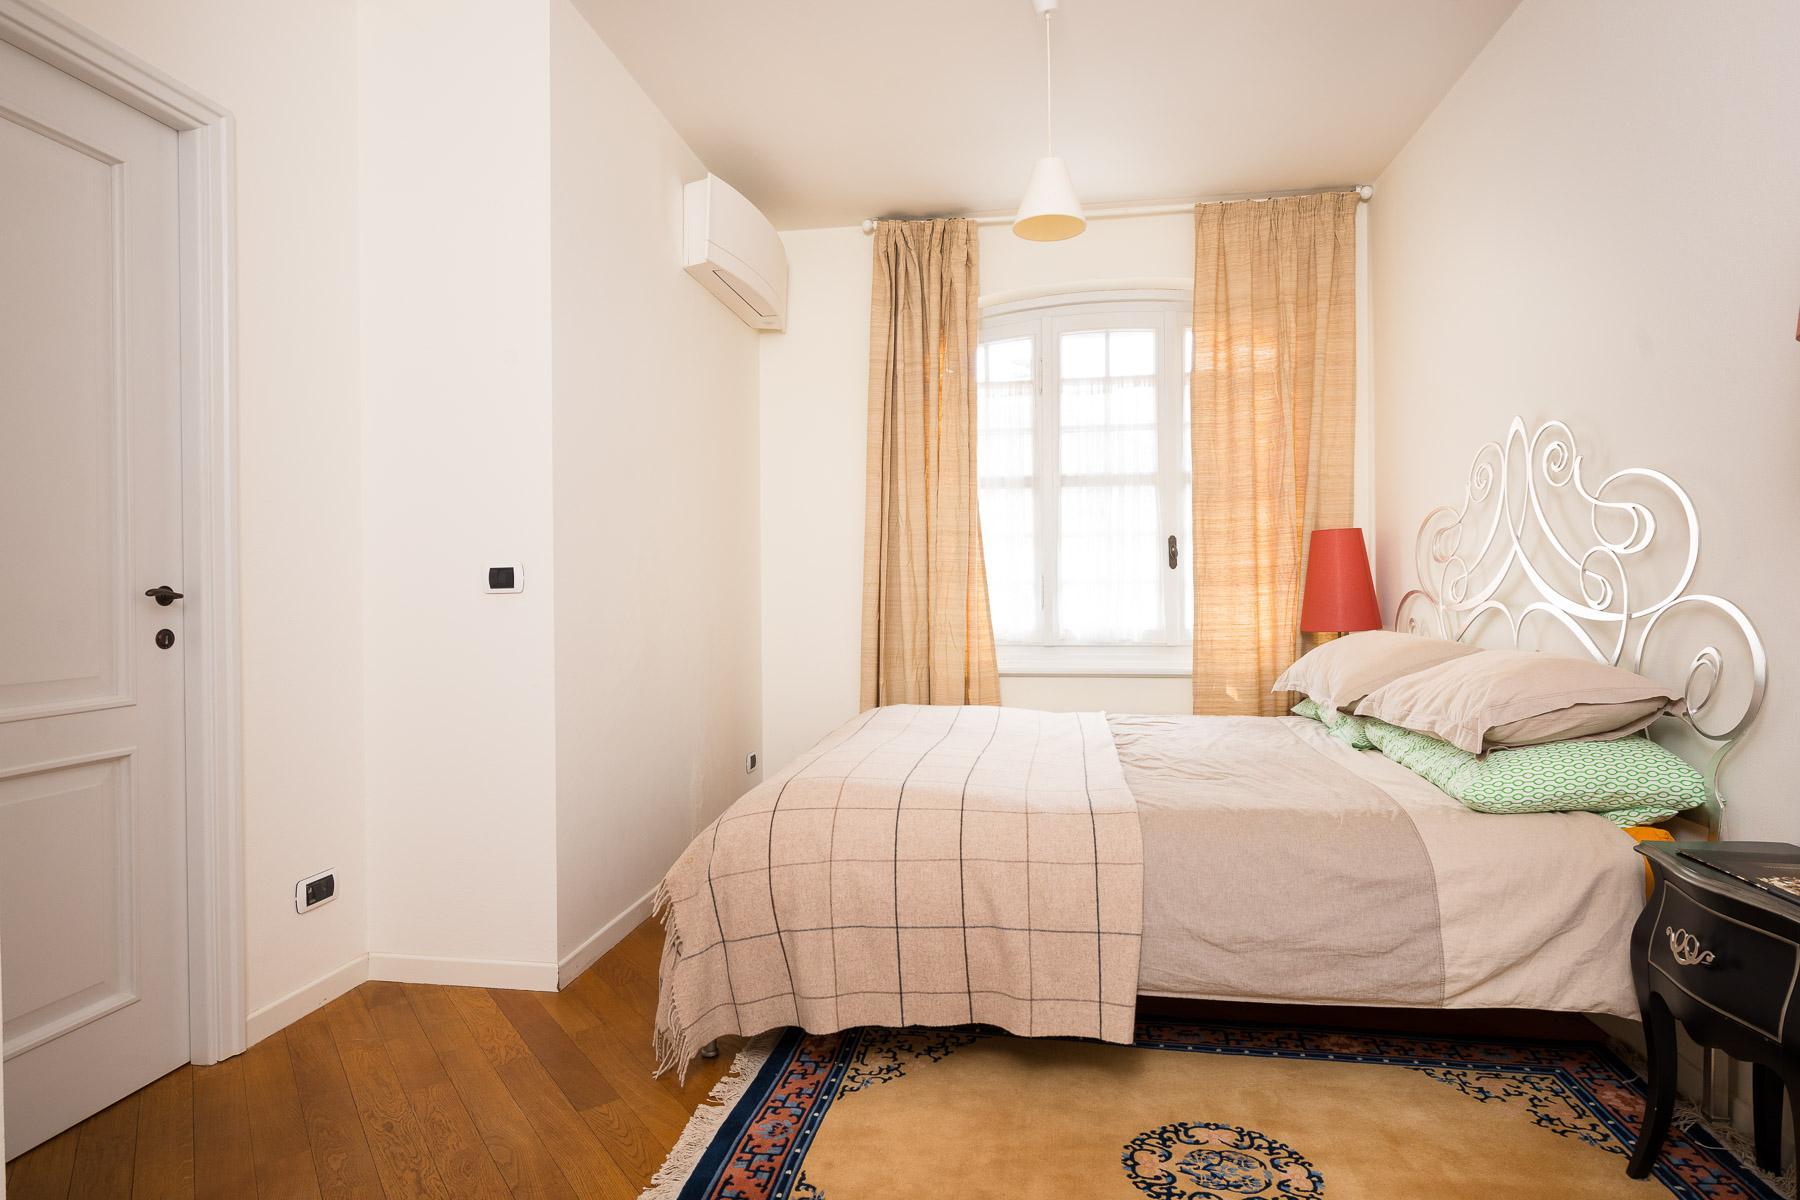 位于d'epoca a Chieri小镇历史悠久别墅内的奢华公寓 - 14